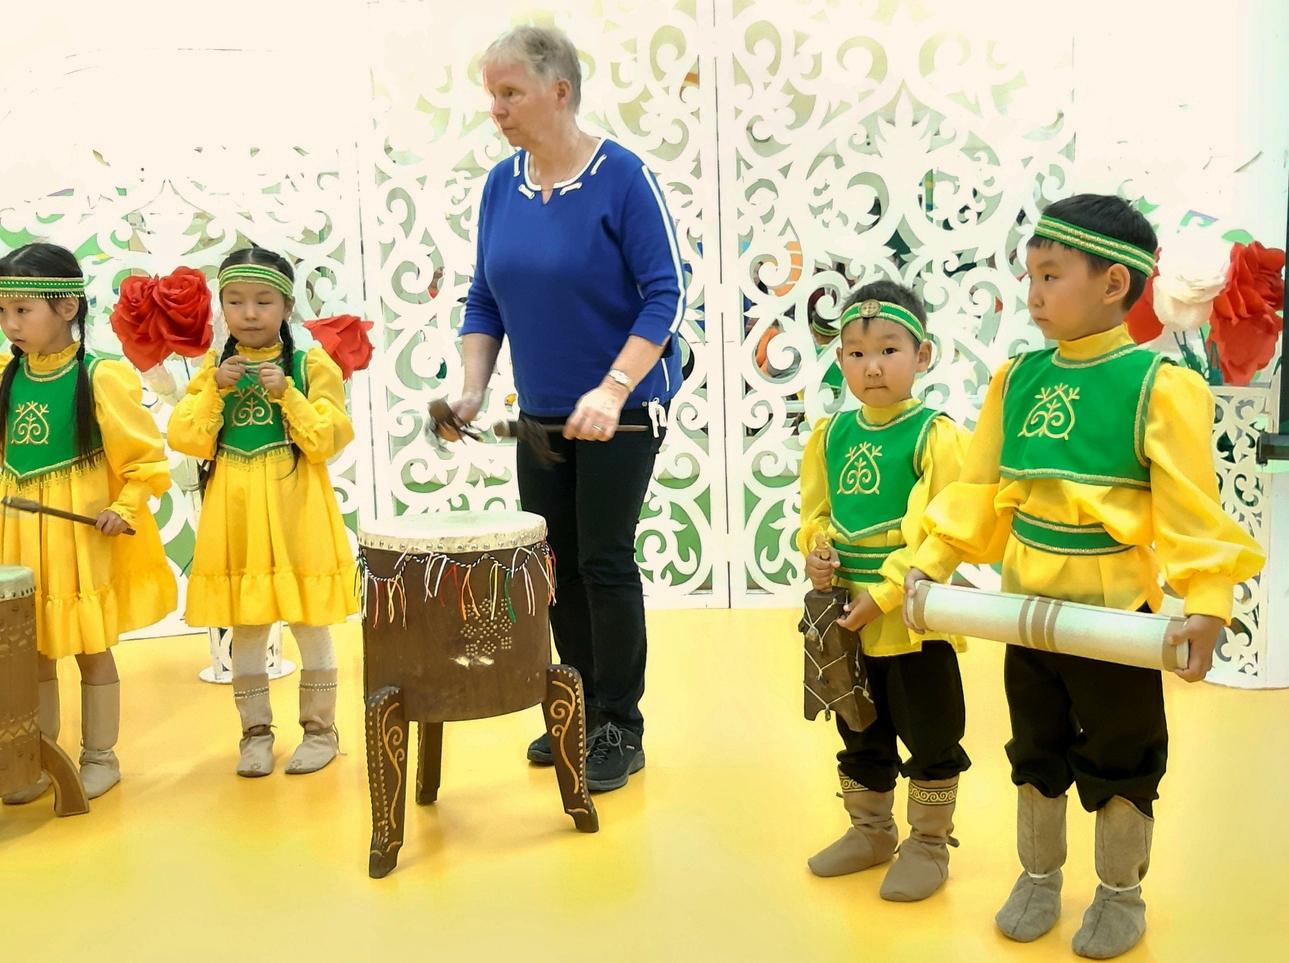 Foto van Margré van Gestel. Zij speelt mee met kinderen in Sottintsy